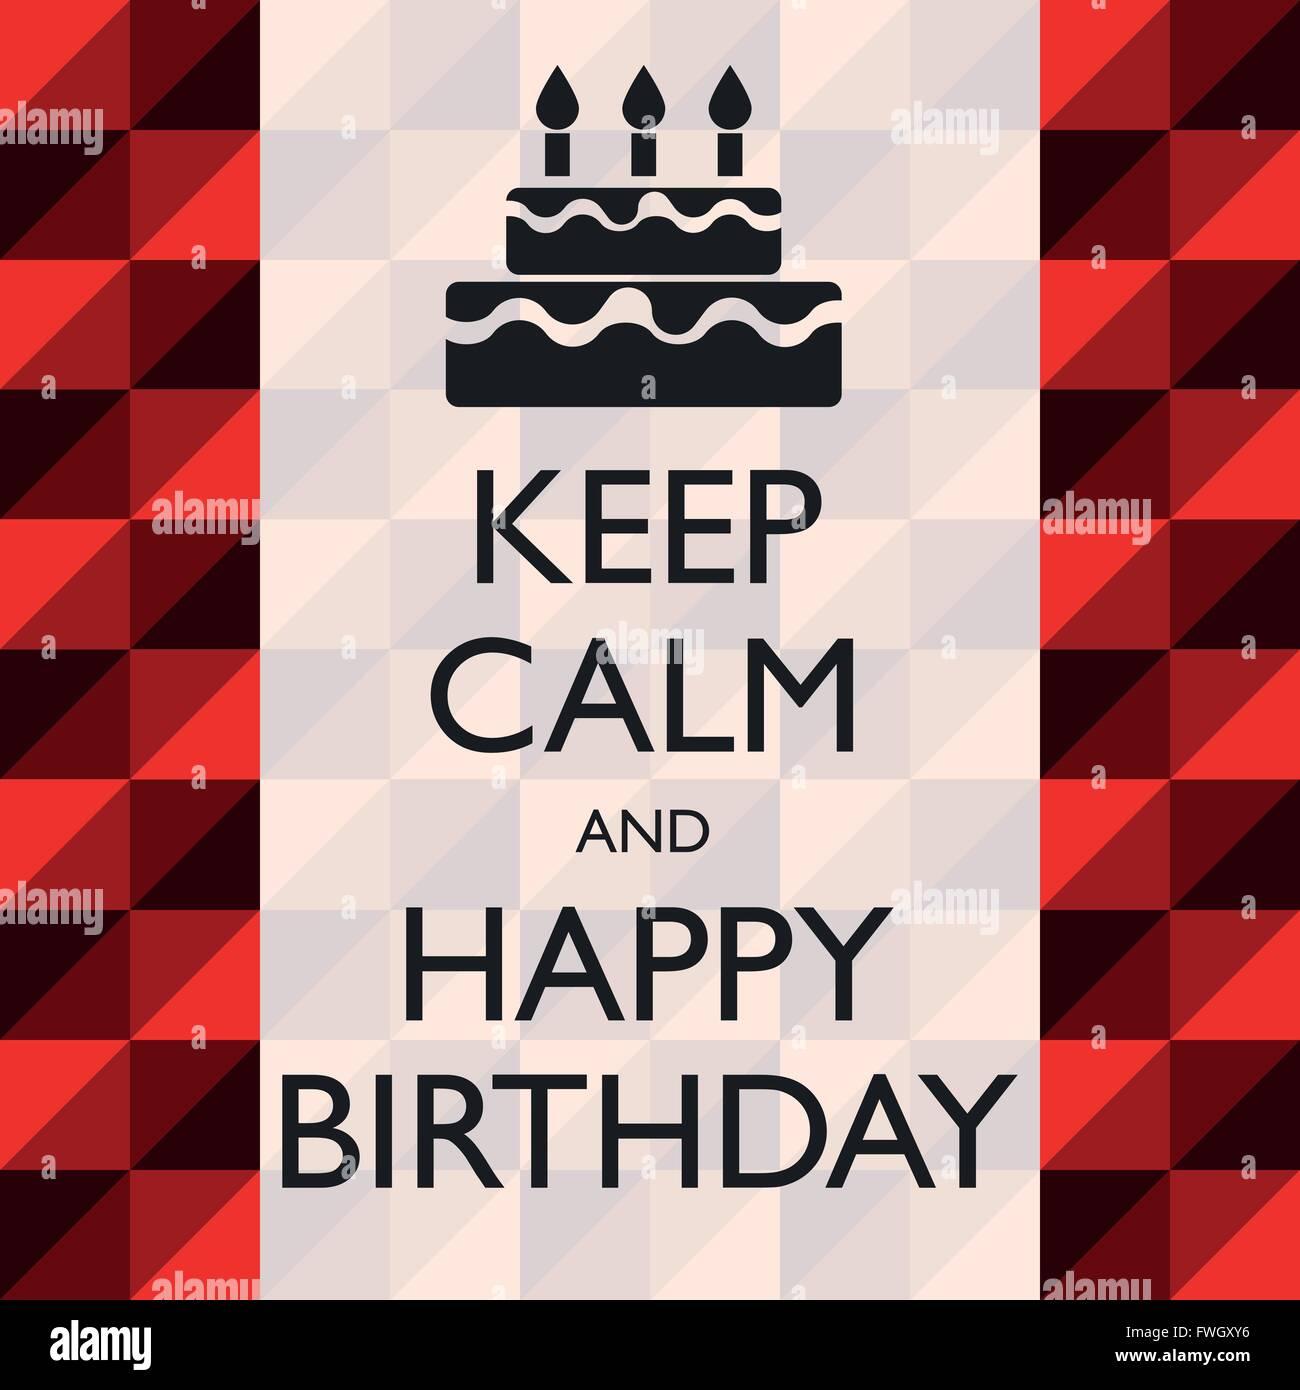 Illustration Graphic Vector Joyeux anniversaire à différentes fins dans web et conception graphique Photo Stock